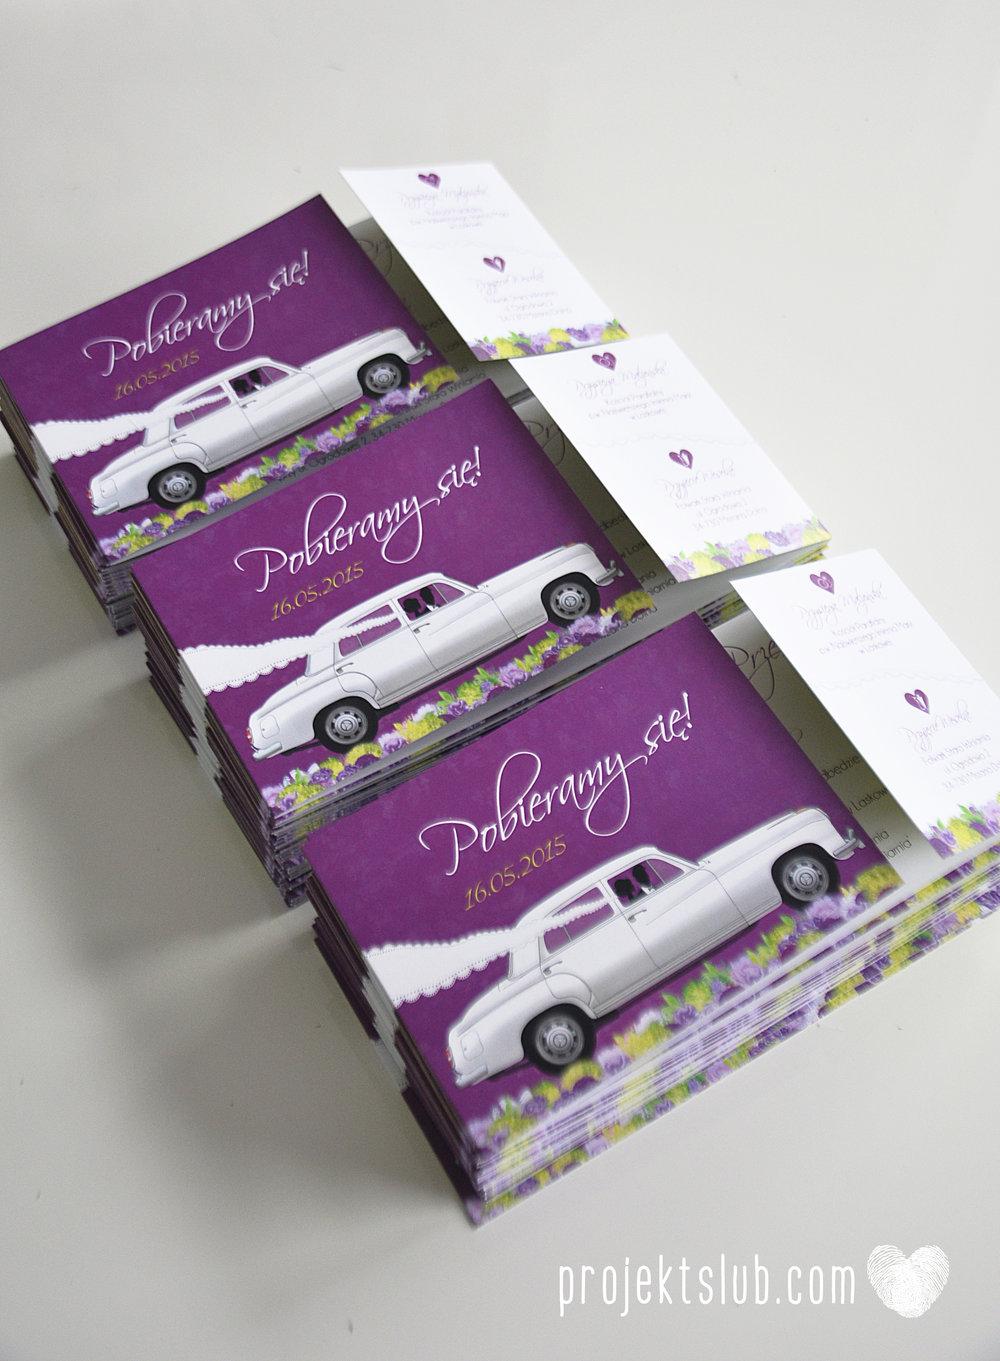 zaproszenia-ślubne-eleganckie-glamour-zaproszenia-z-motywem-auta-samochód-ślubny-mercedes-kwiaty-koronka-biel-fiolet-zieleń-projekt-ślub  (27).JPG